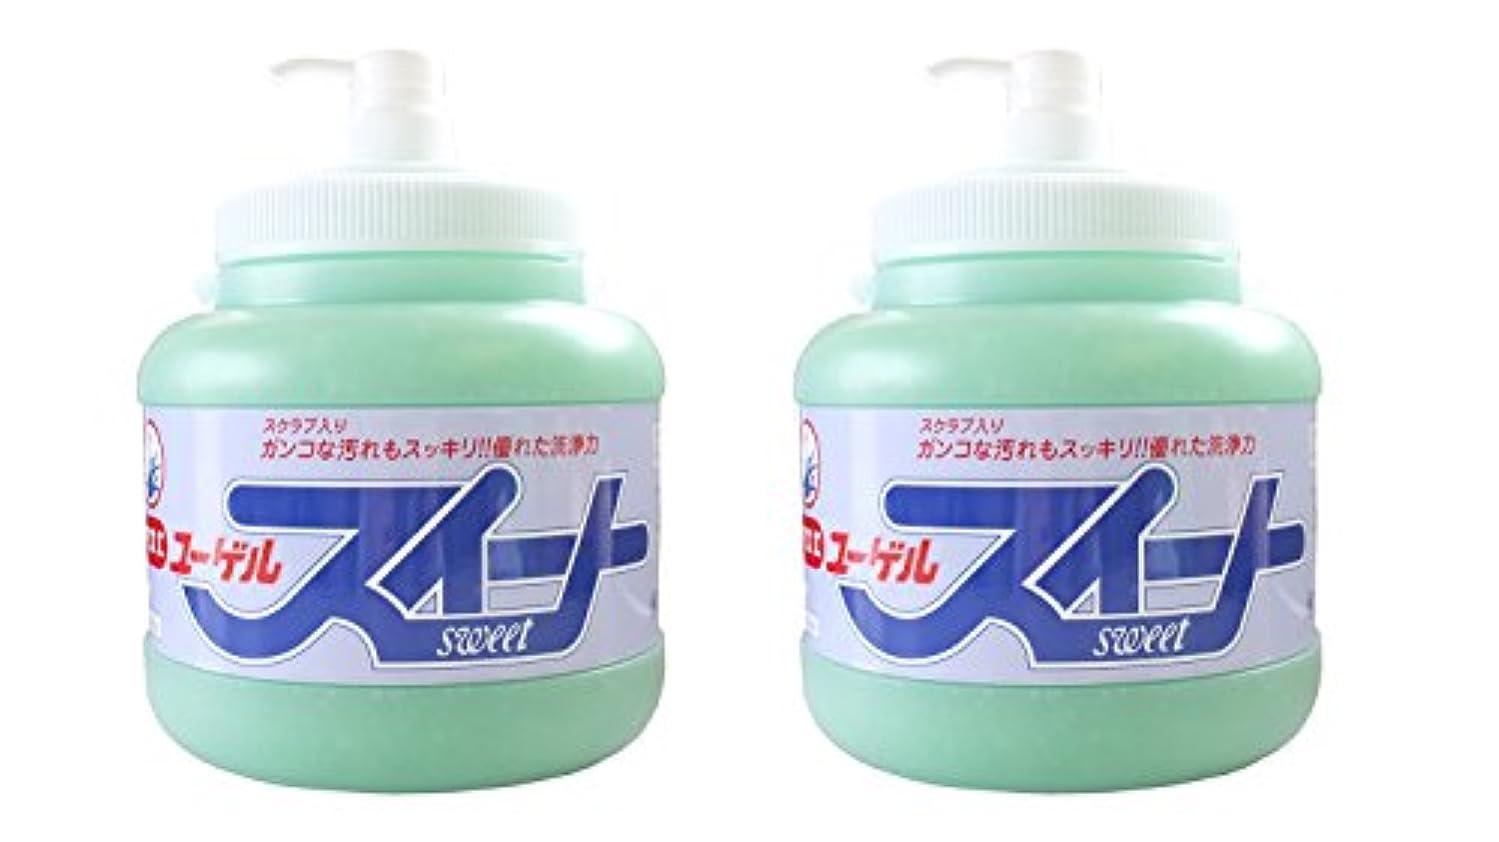 手の汚れや臭いを水なしで素早く落とす新洗剤。スクラブでガンコな油汚れもサッと落とす!ユーゲルスイート[ポンプ式]2.5kg×2本